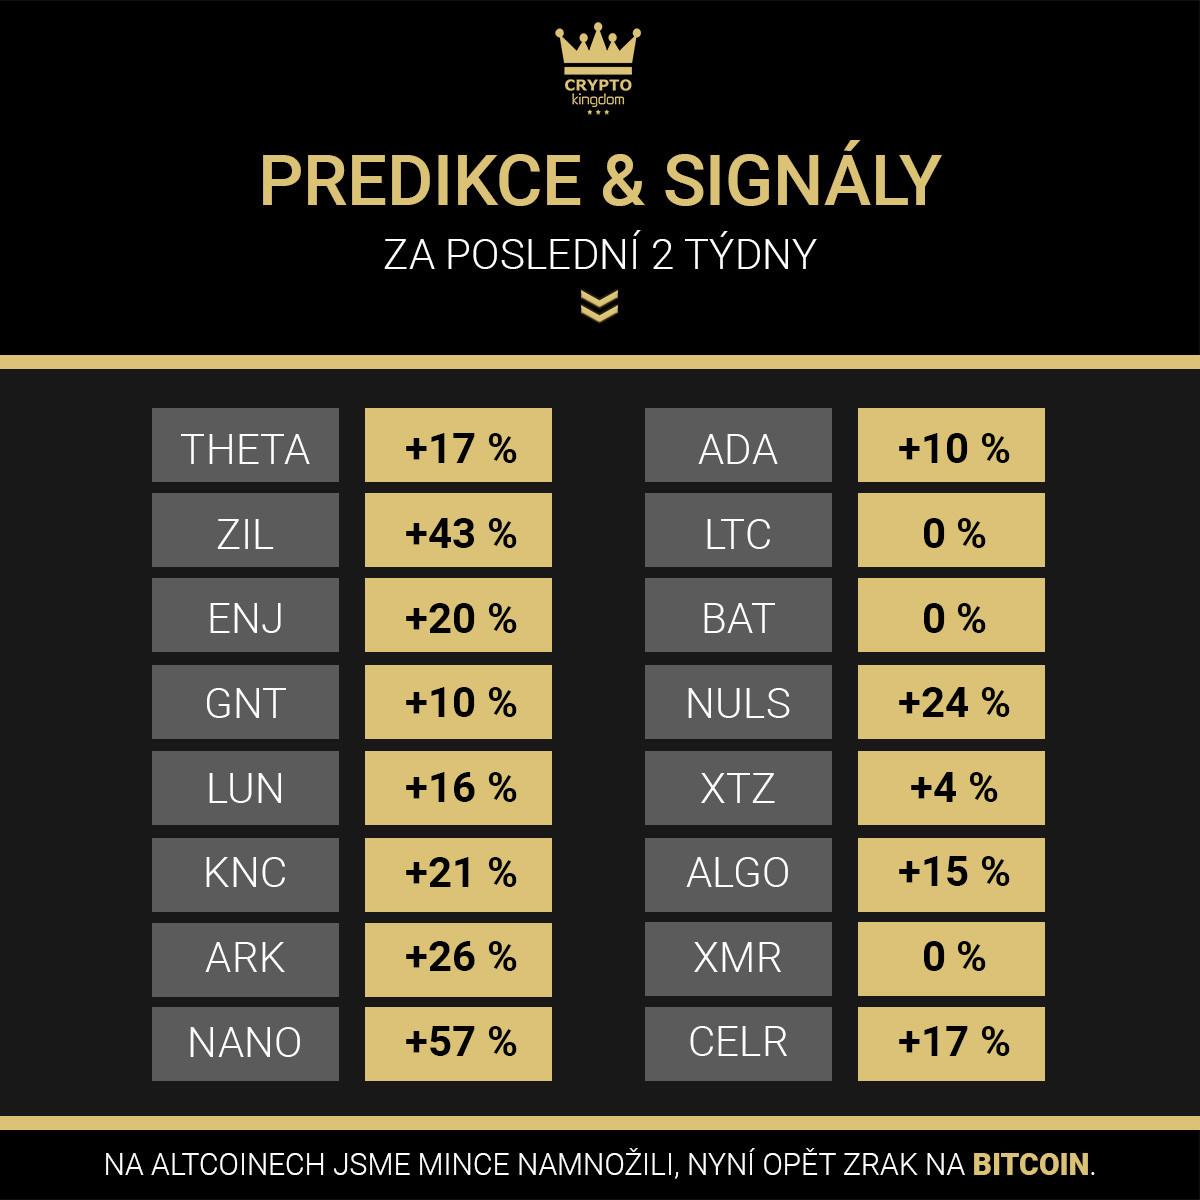 Výsledky signálů a predikcí za poslední dva týdn